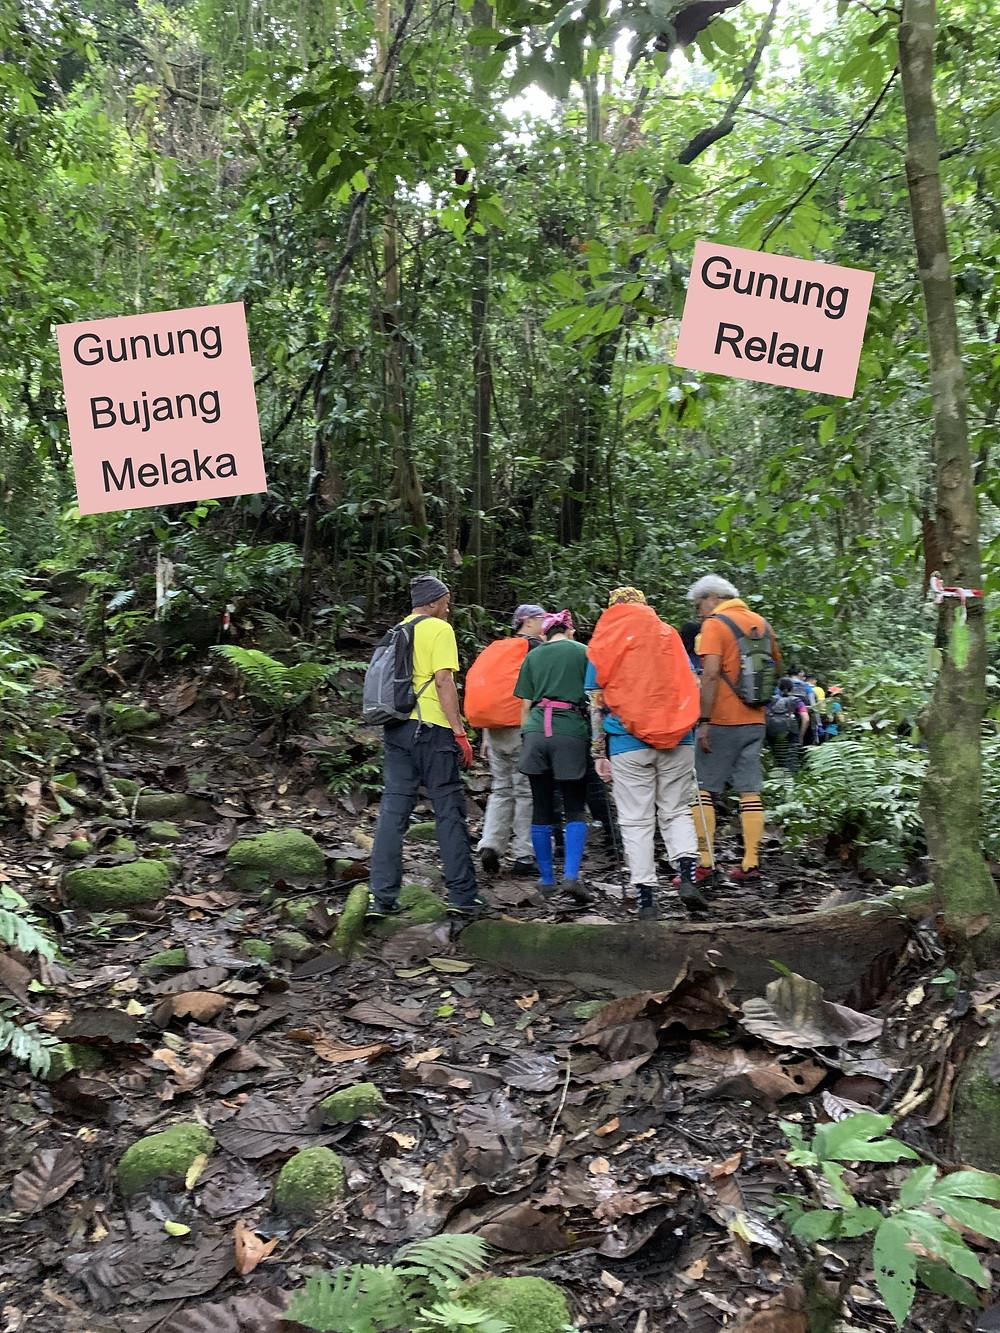 gunung relau, gunung relau kampar, malaysia hikes, cannon hill